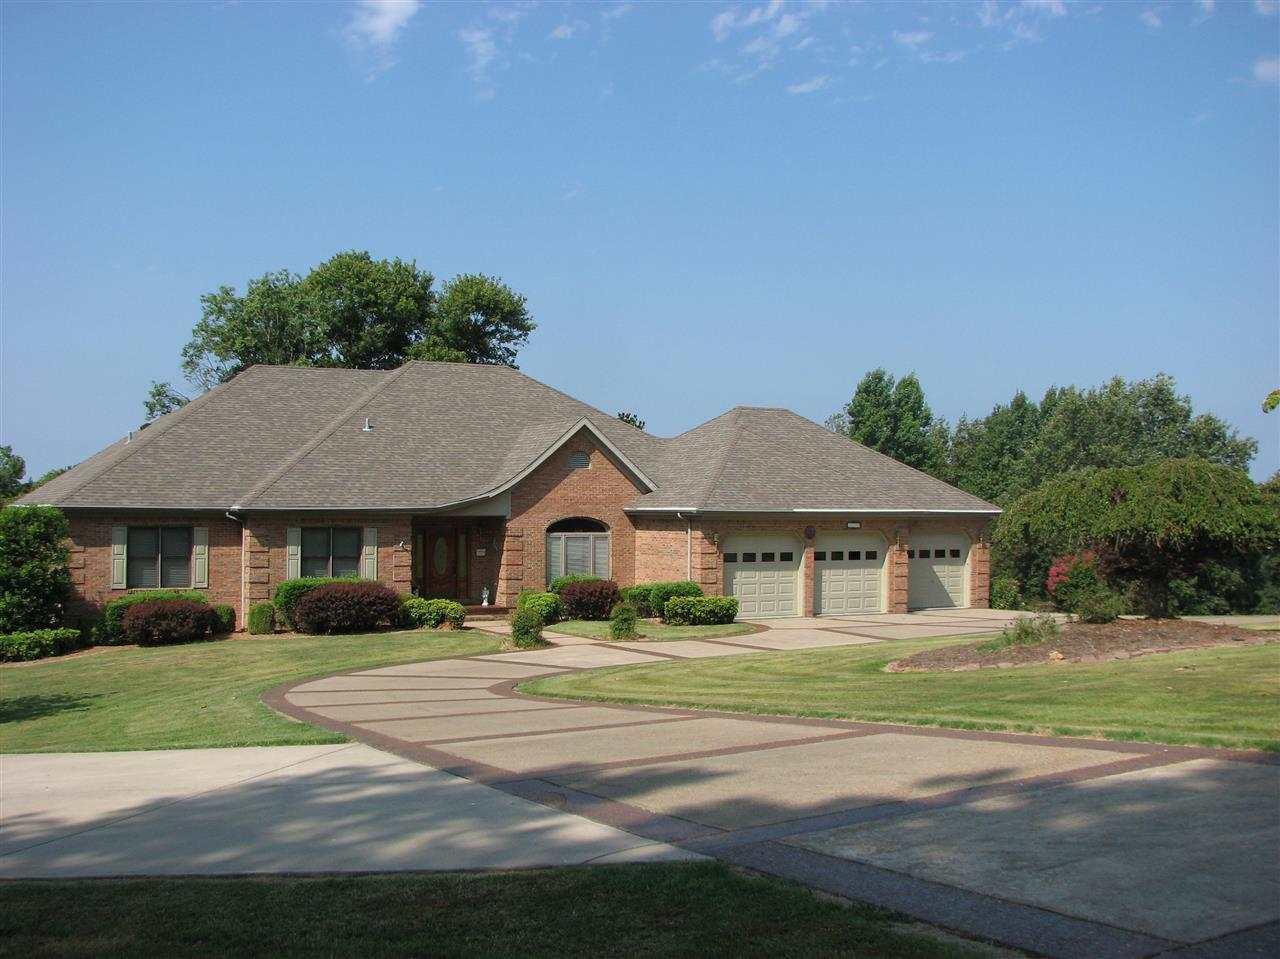 Real Estate for Sale, ListingId: 29021662, Cadiz,KY42211